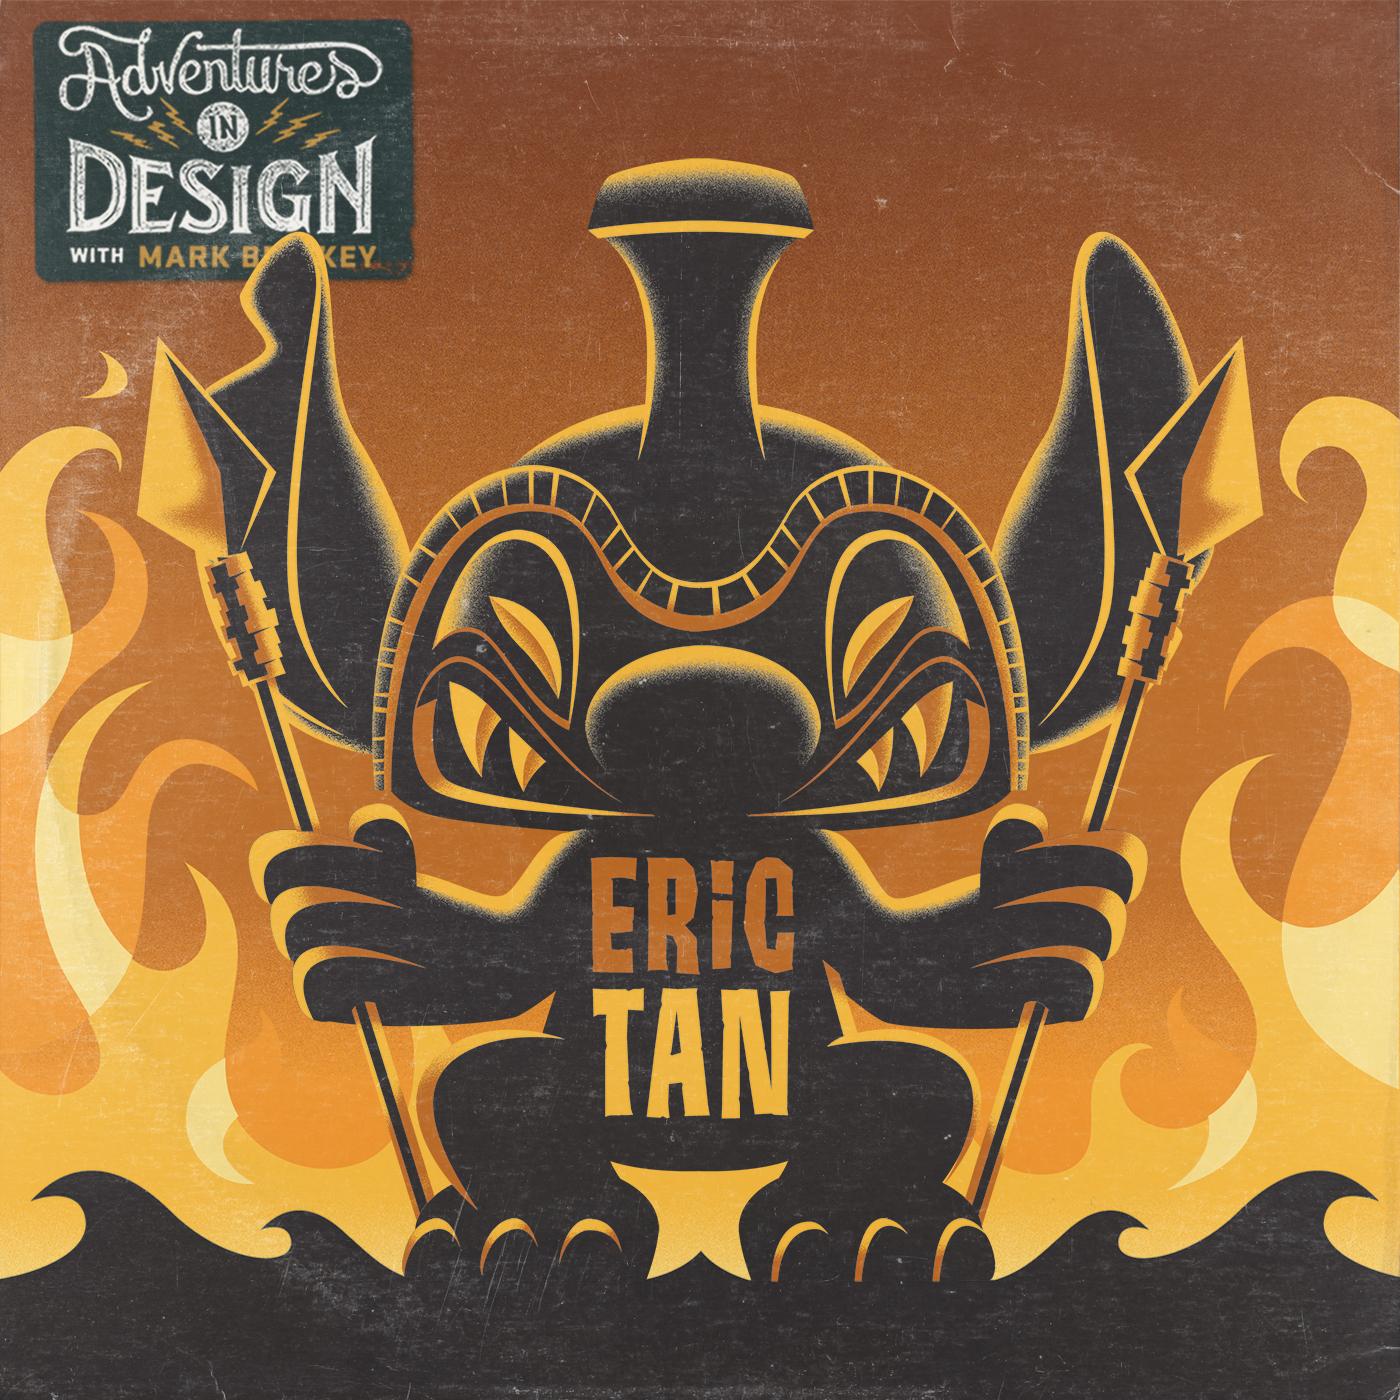 435 - Eric Tan